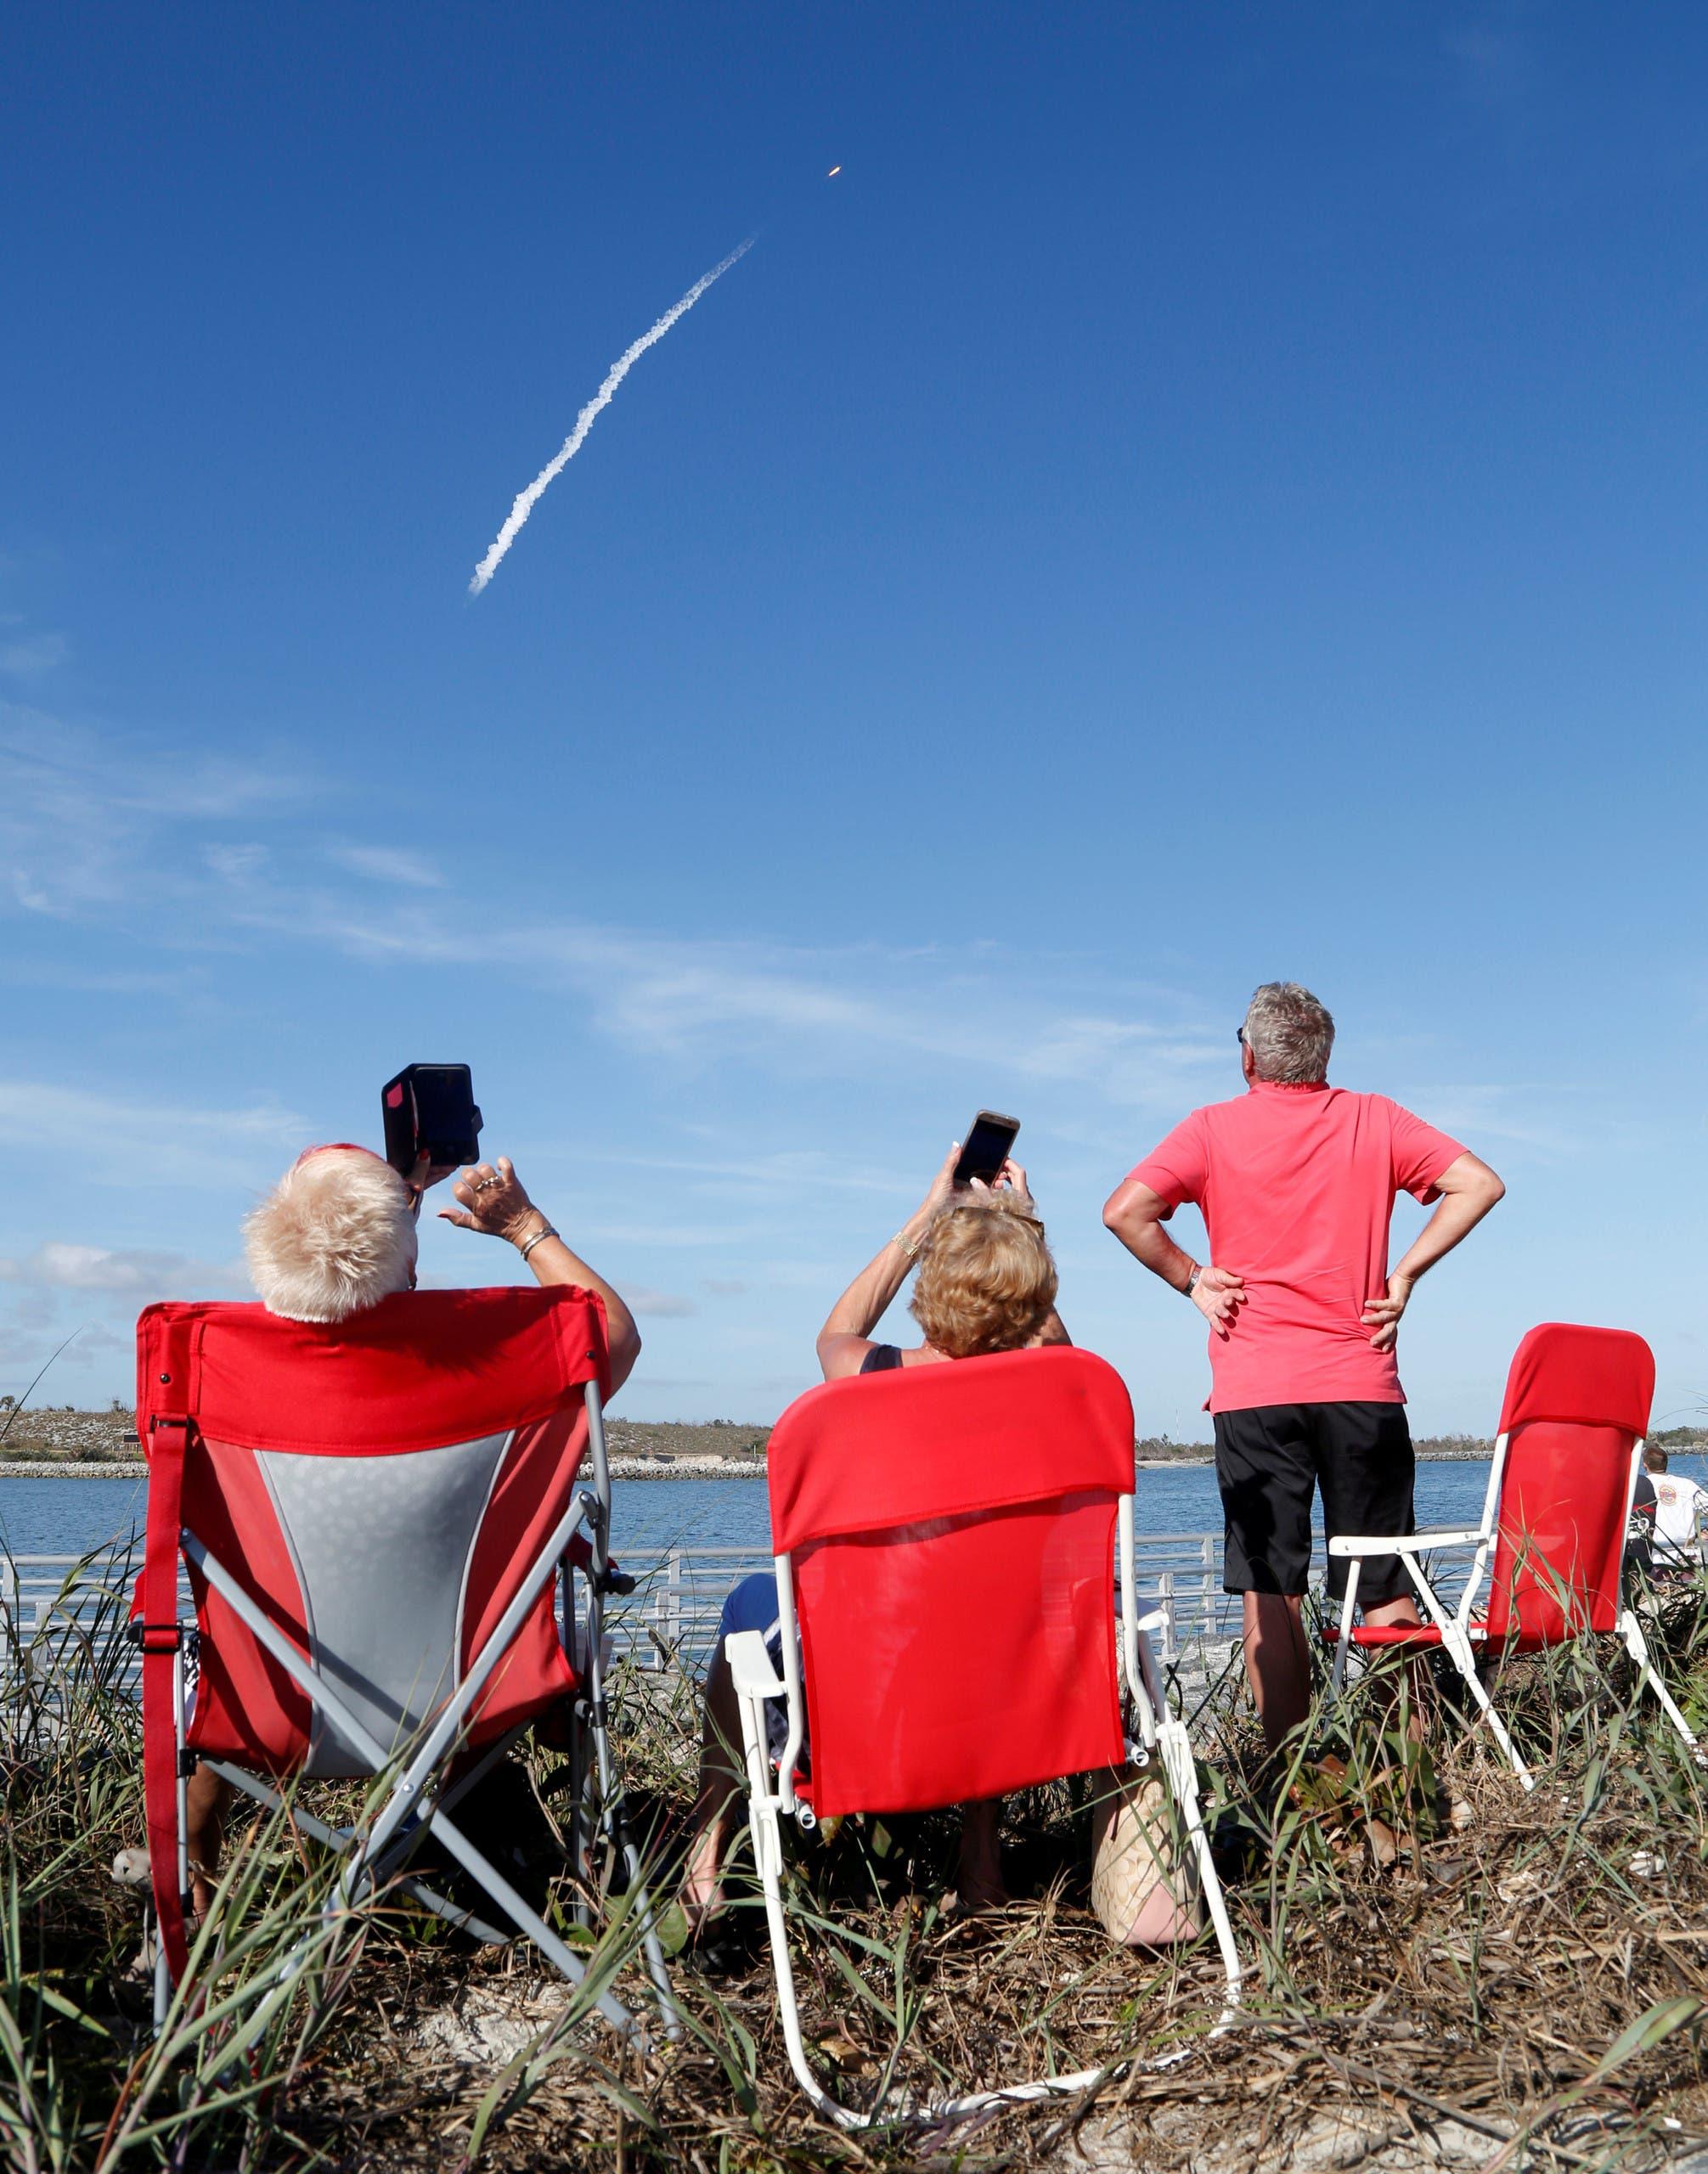 يشاهدون إطلاق أقوى صاروخ بالعالم للفضاء